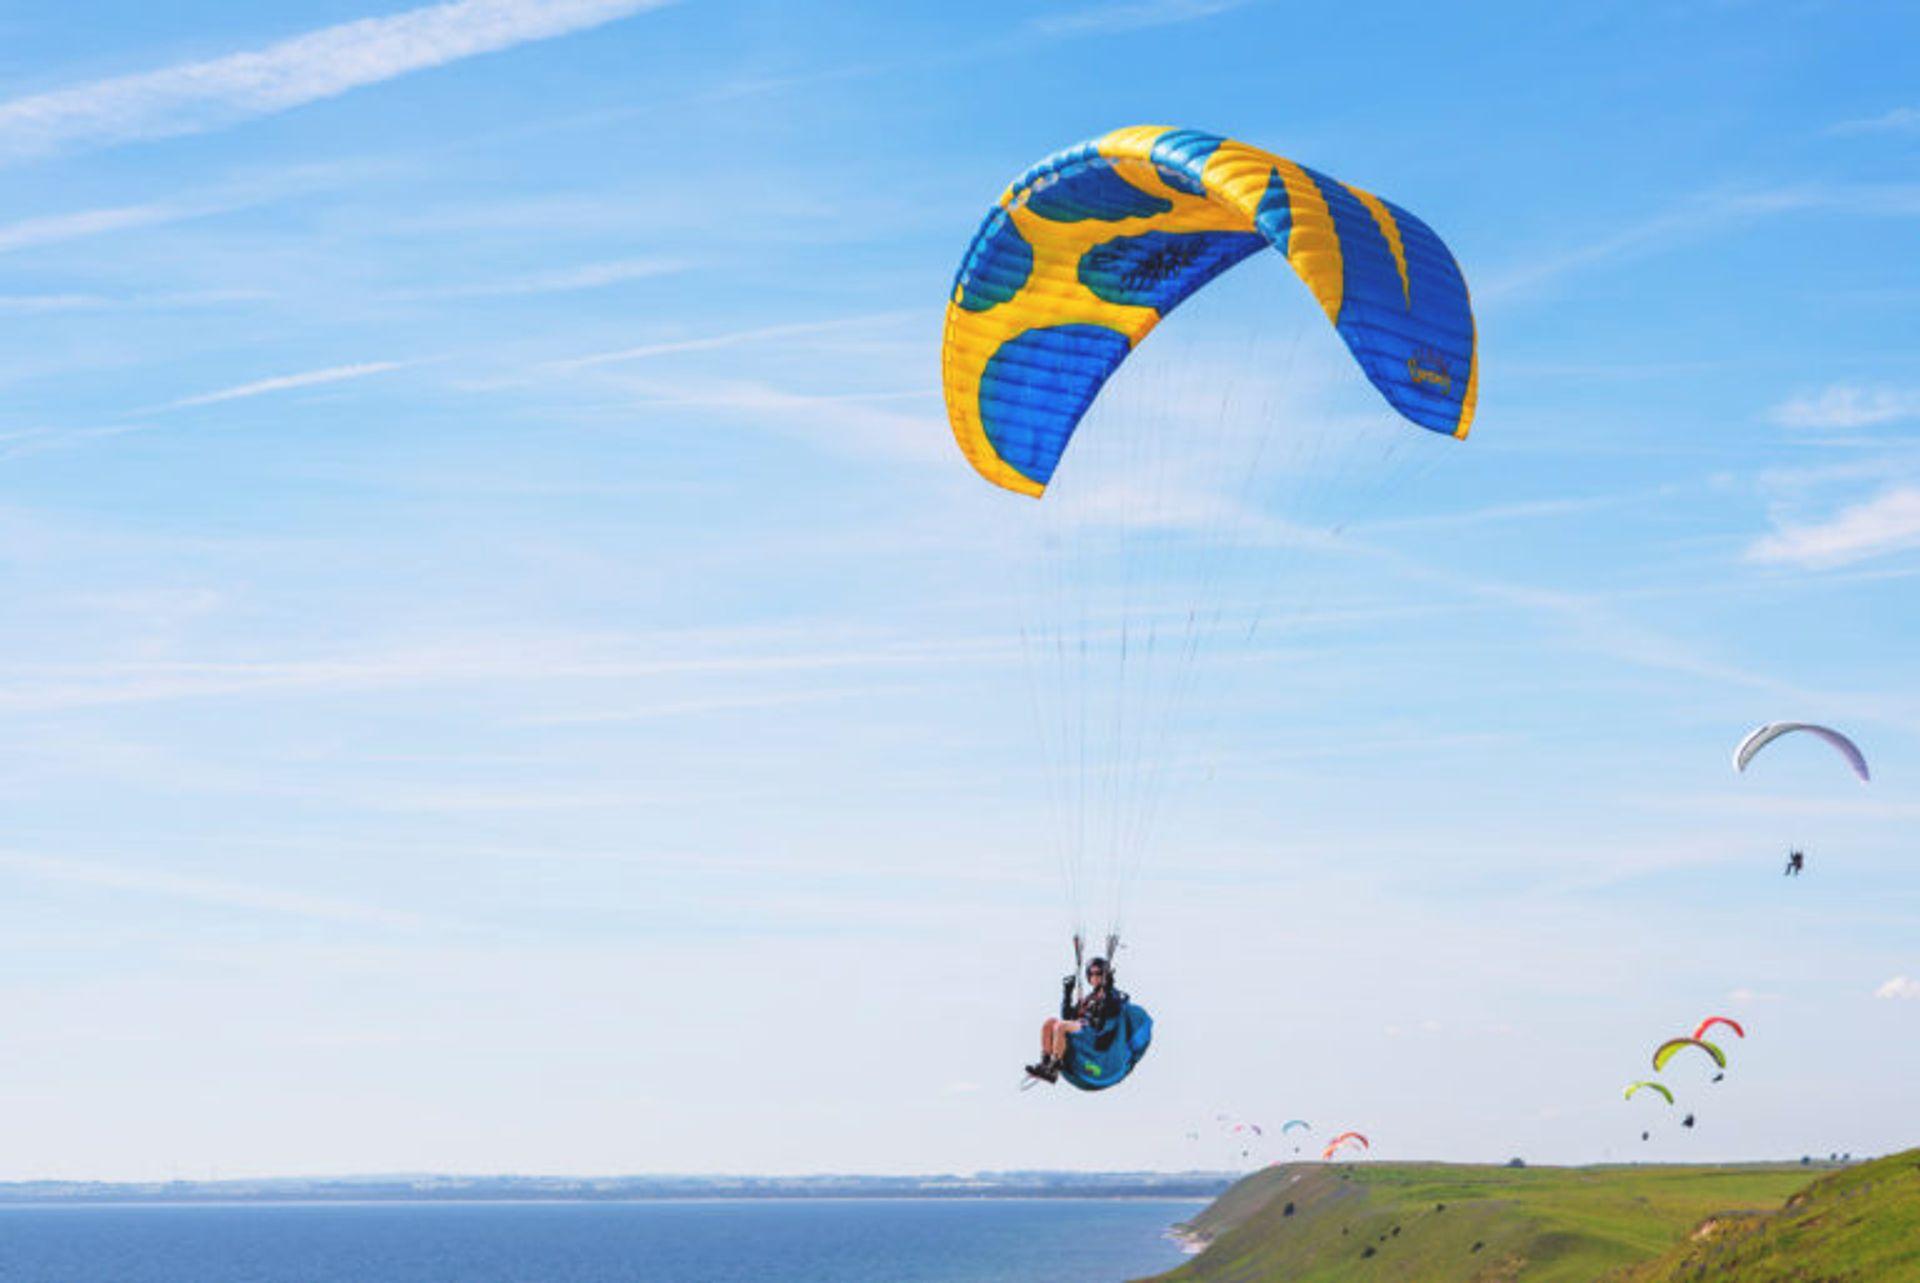 A person hanggliding off a cliff.